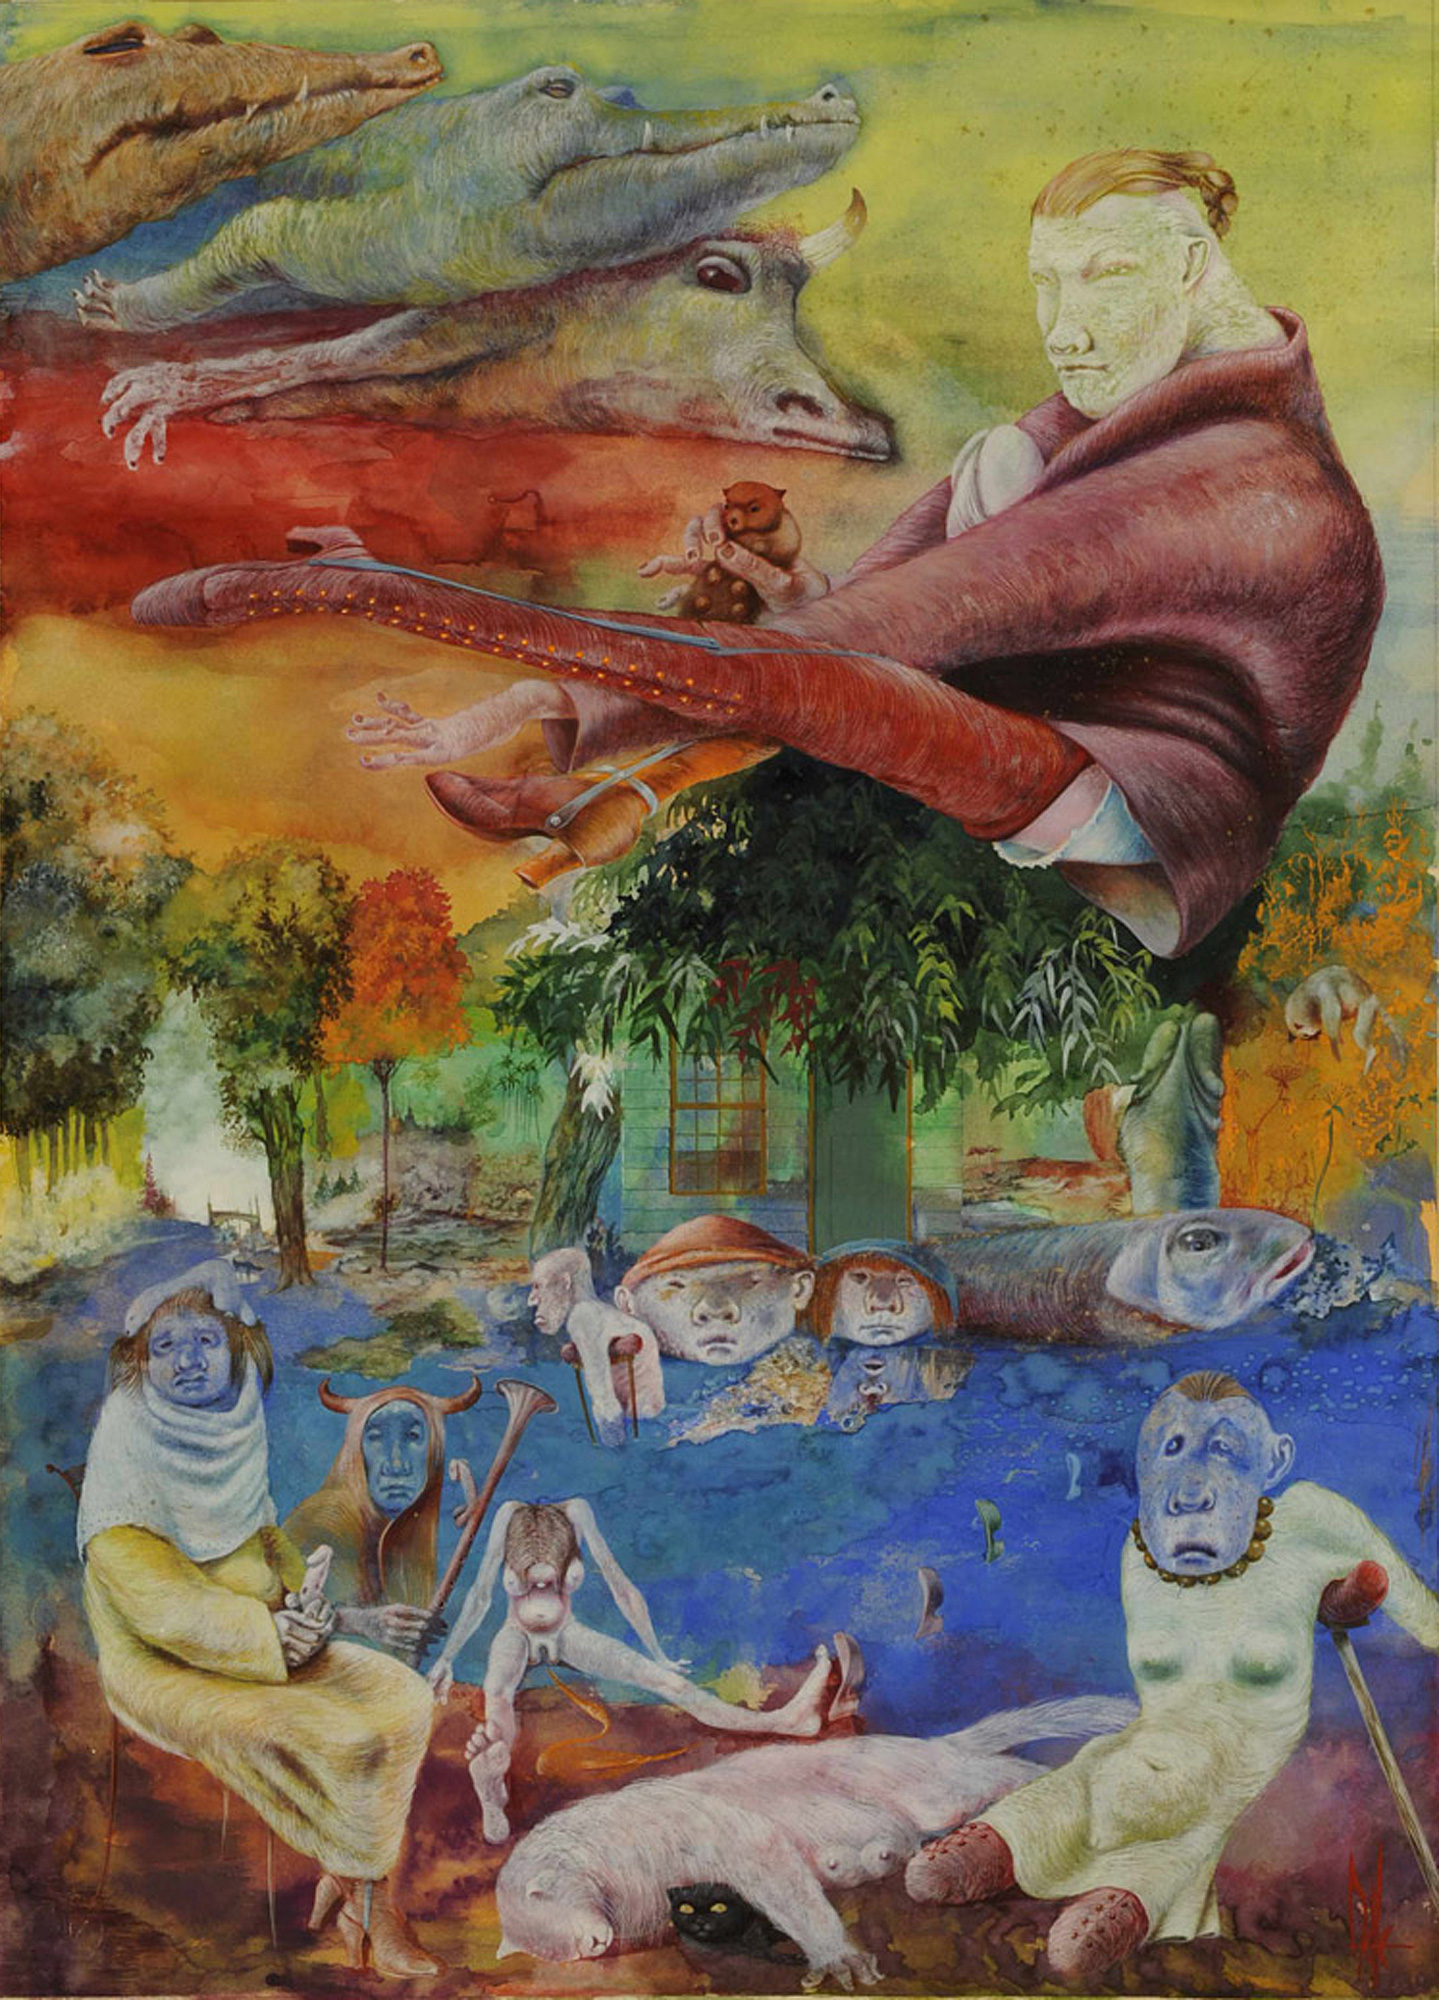 Melle schilder | Mensen en dieren, gouache op papier